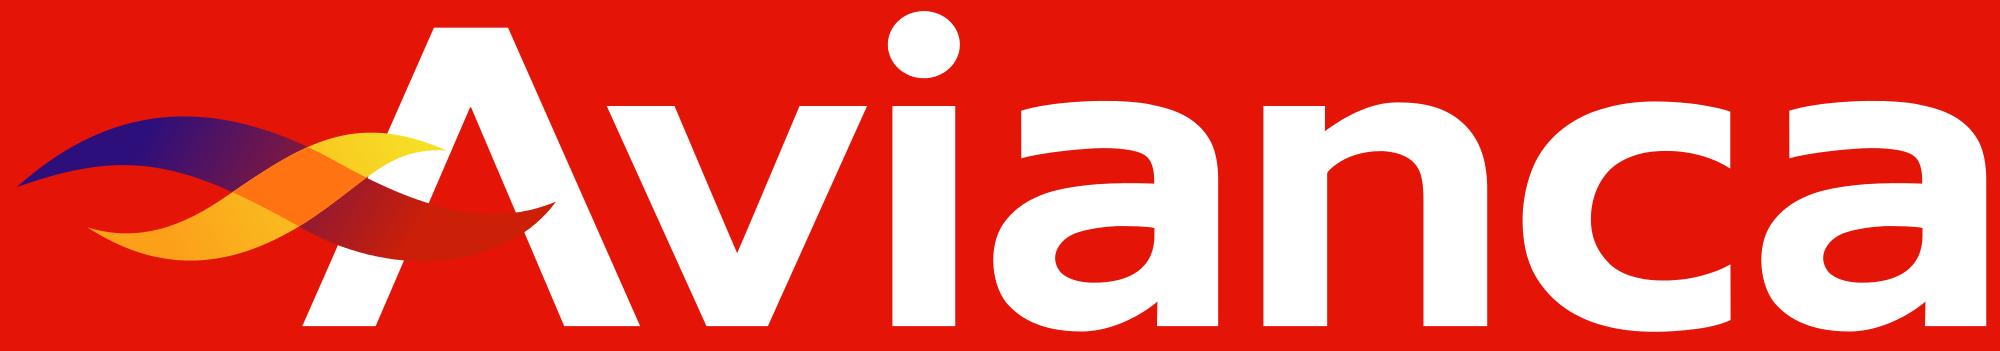 Open PlusPng pluspng.com - Avianca Logo Eps PNG - Avianca Logo PNG